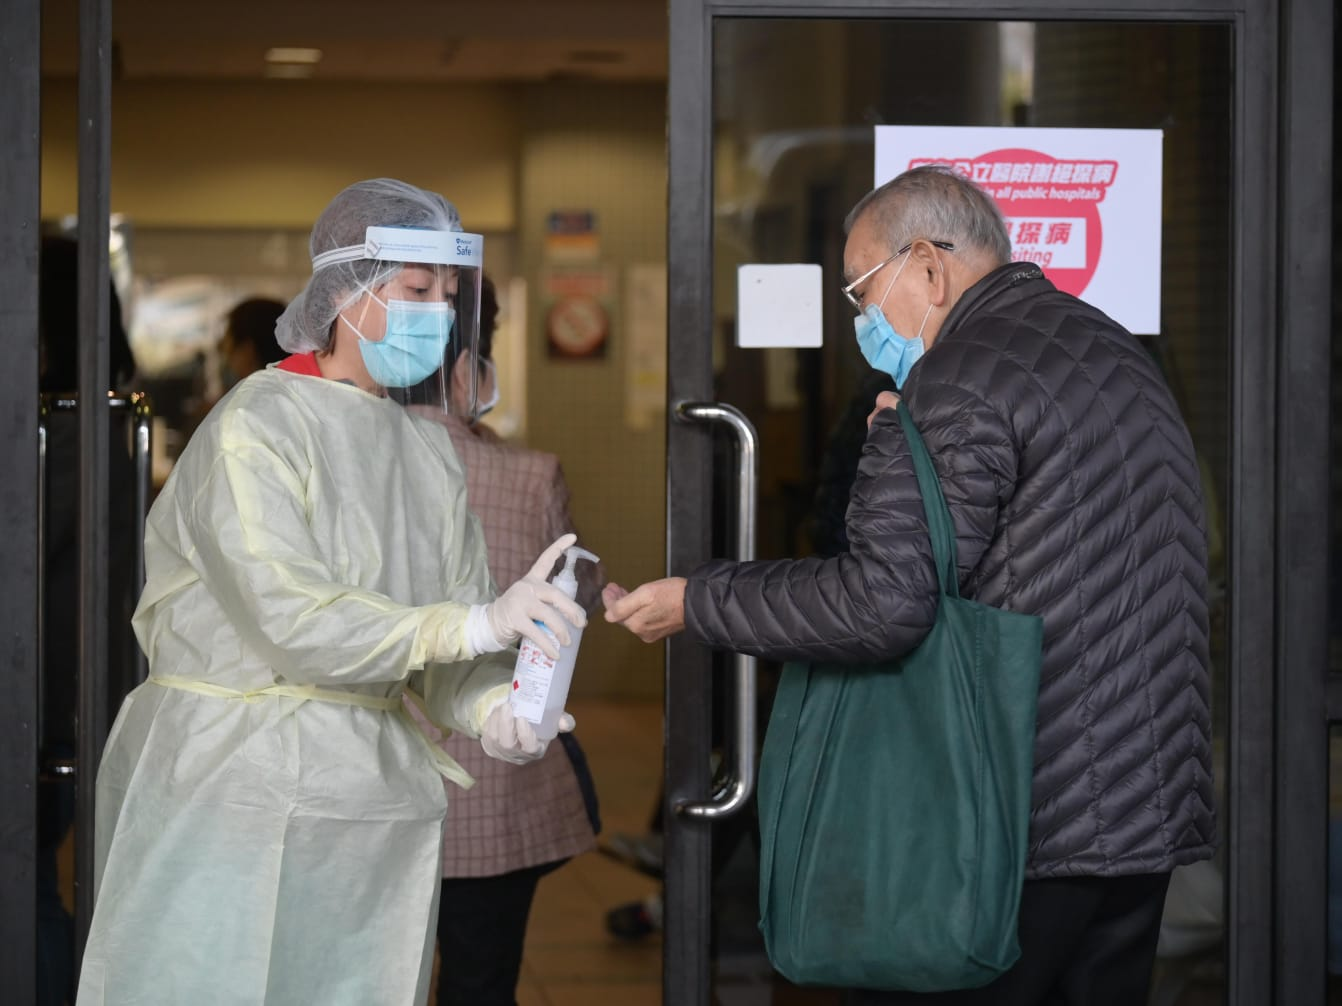 【新冠肺炎】医管局指参考美国标准採购 袁国勇:一般医护用第一级外科口罩已够